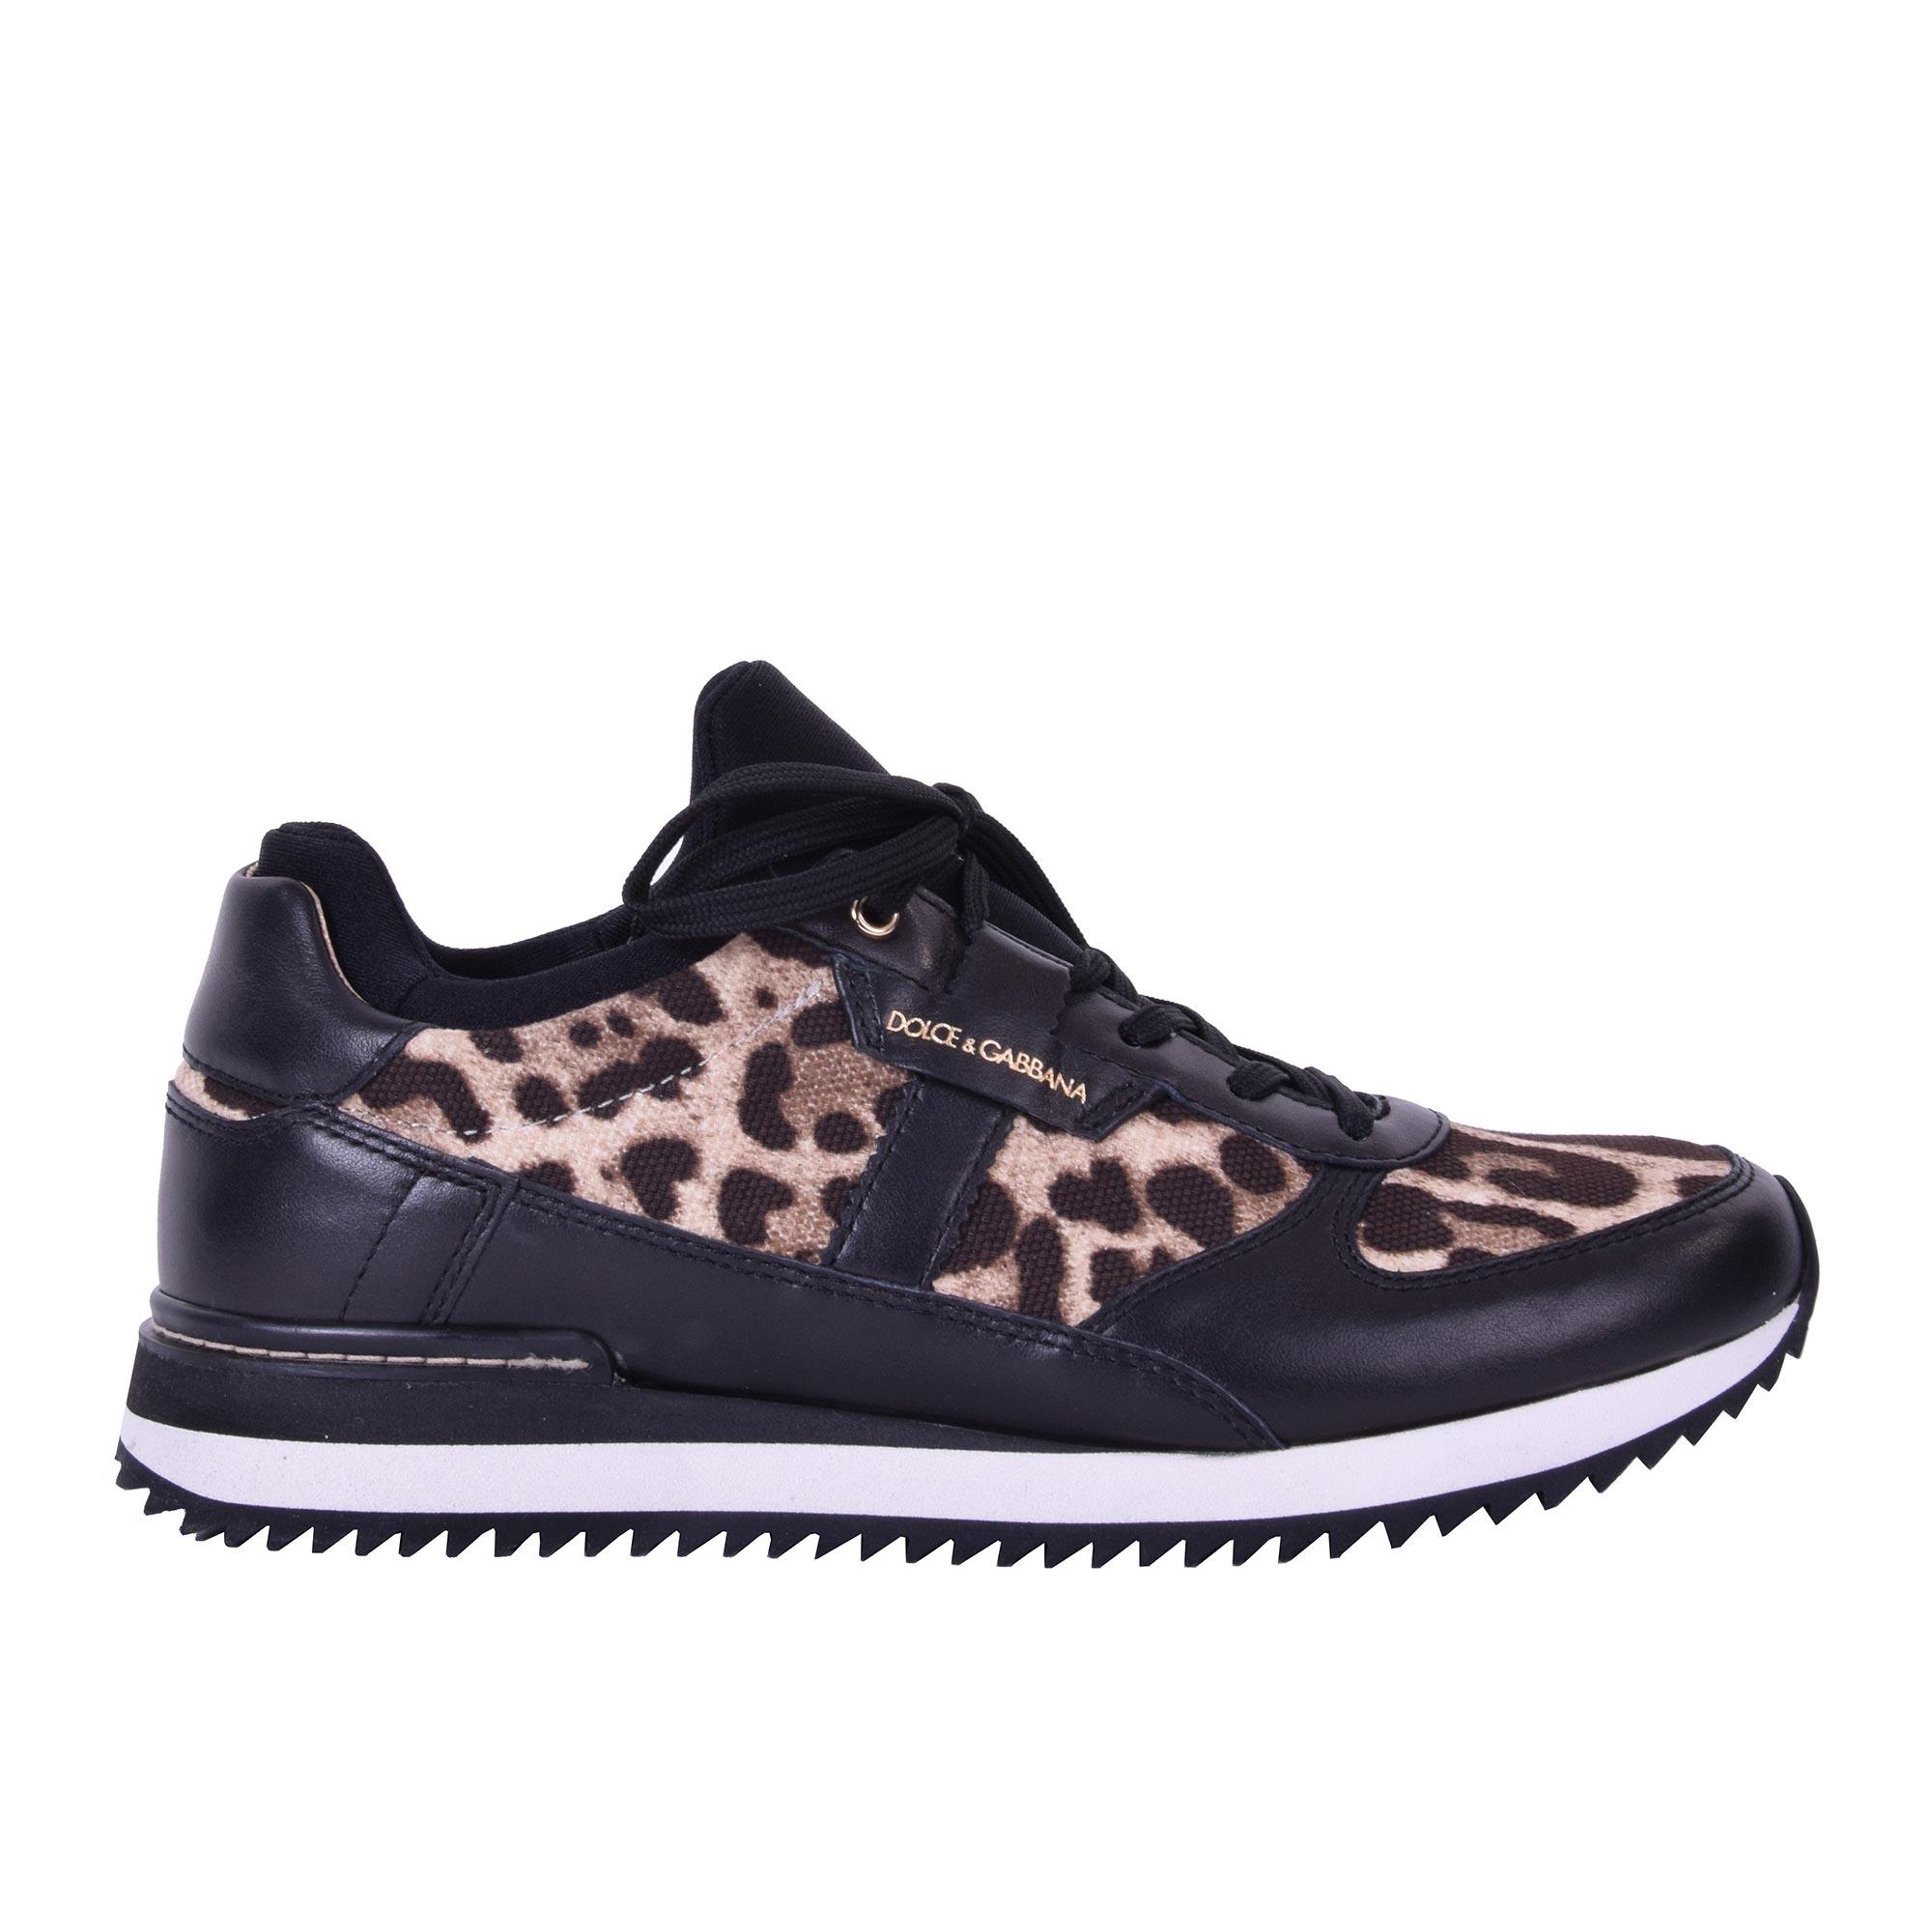 Gabbana Leopard Printed Sneaker NIGERIA